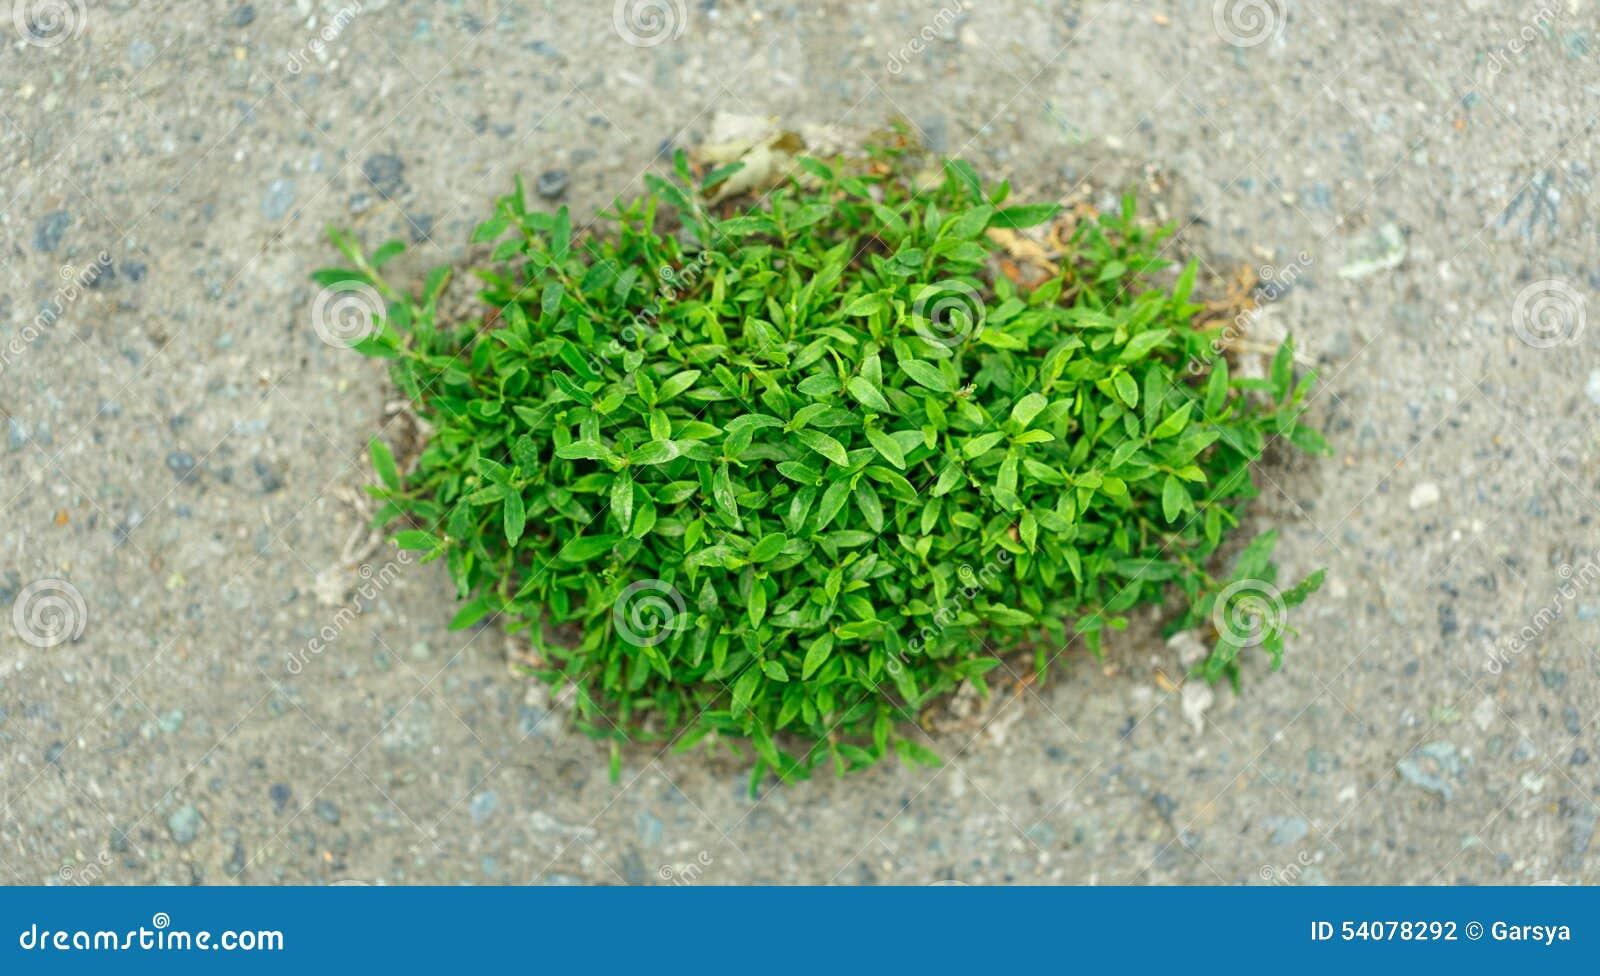 Stuk van gras ter plaatse